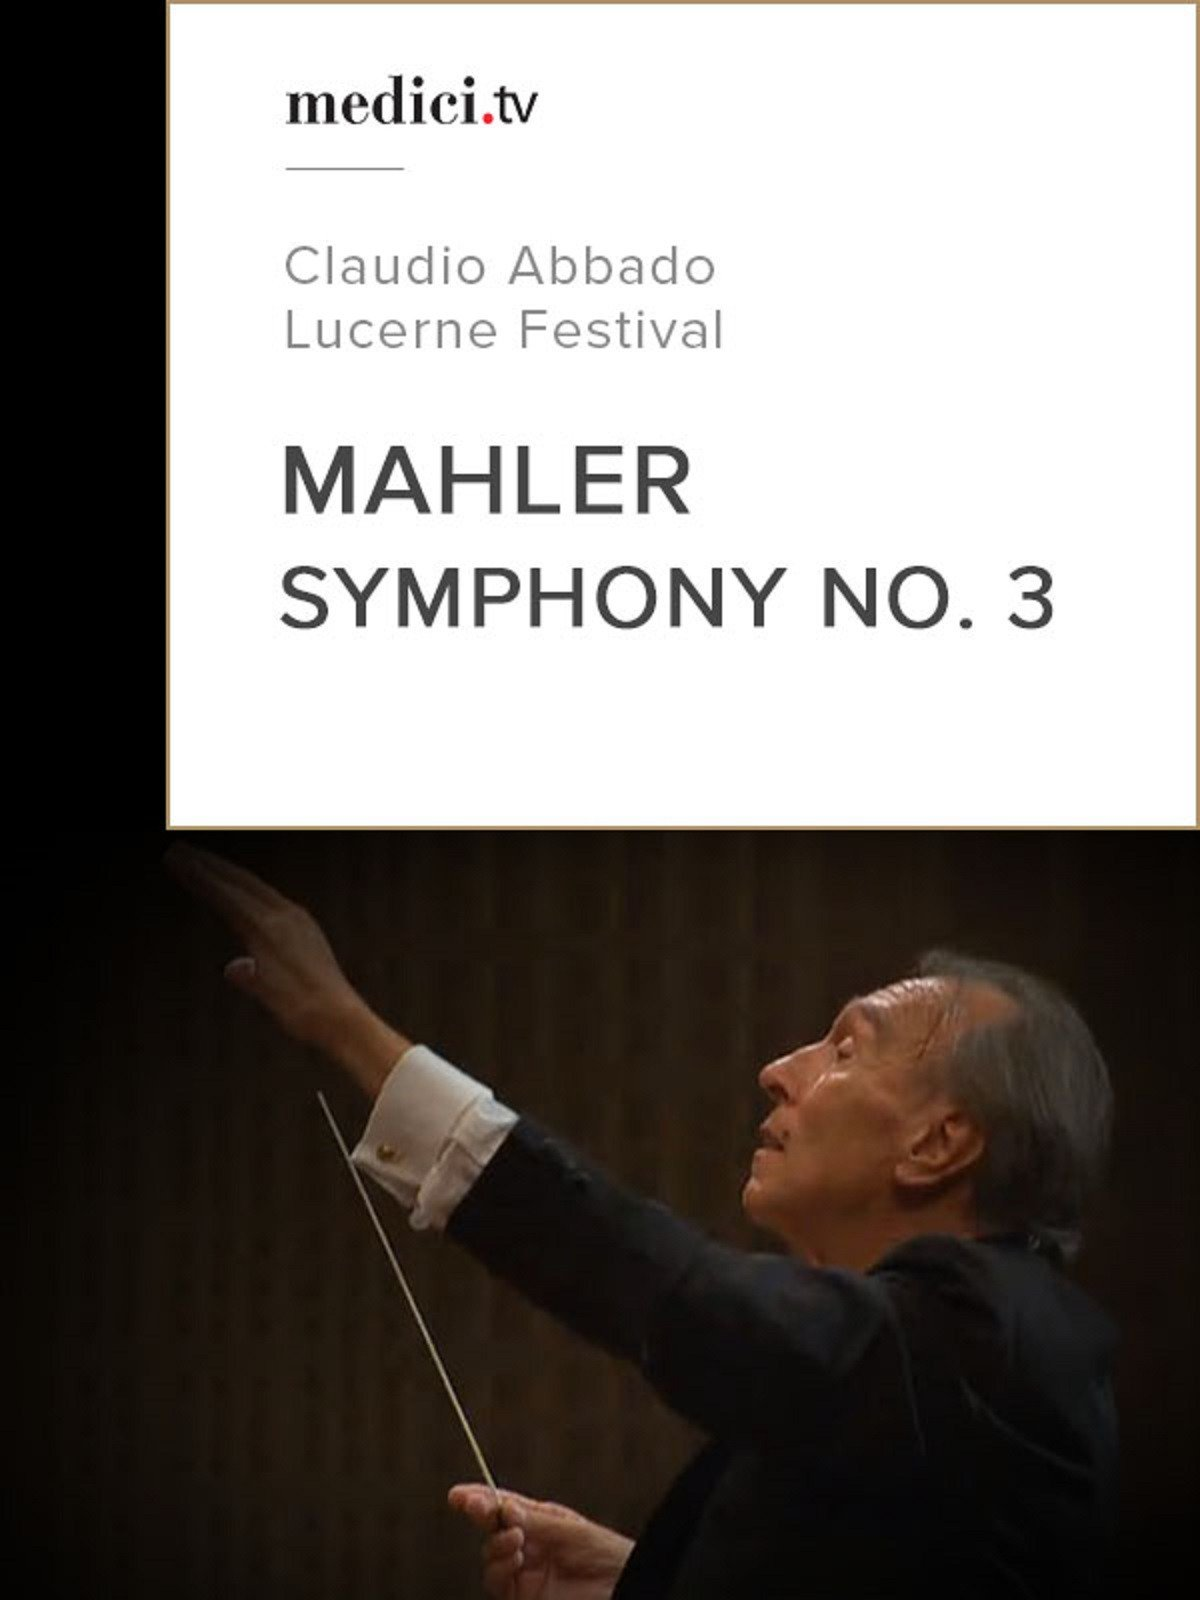 Mahler, Symphony No. 3